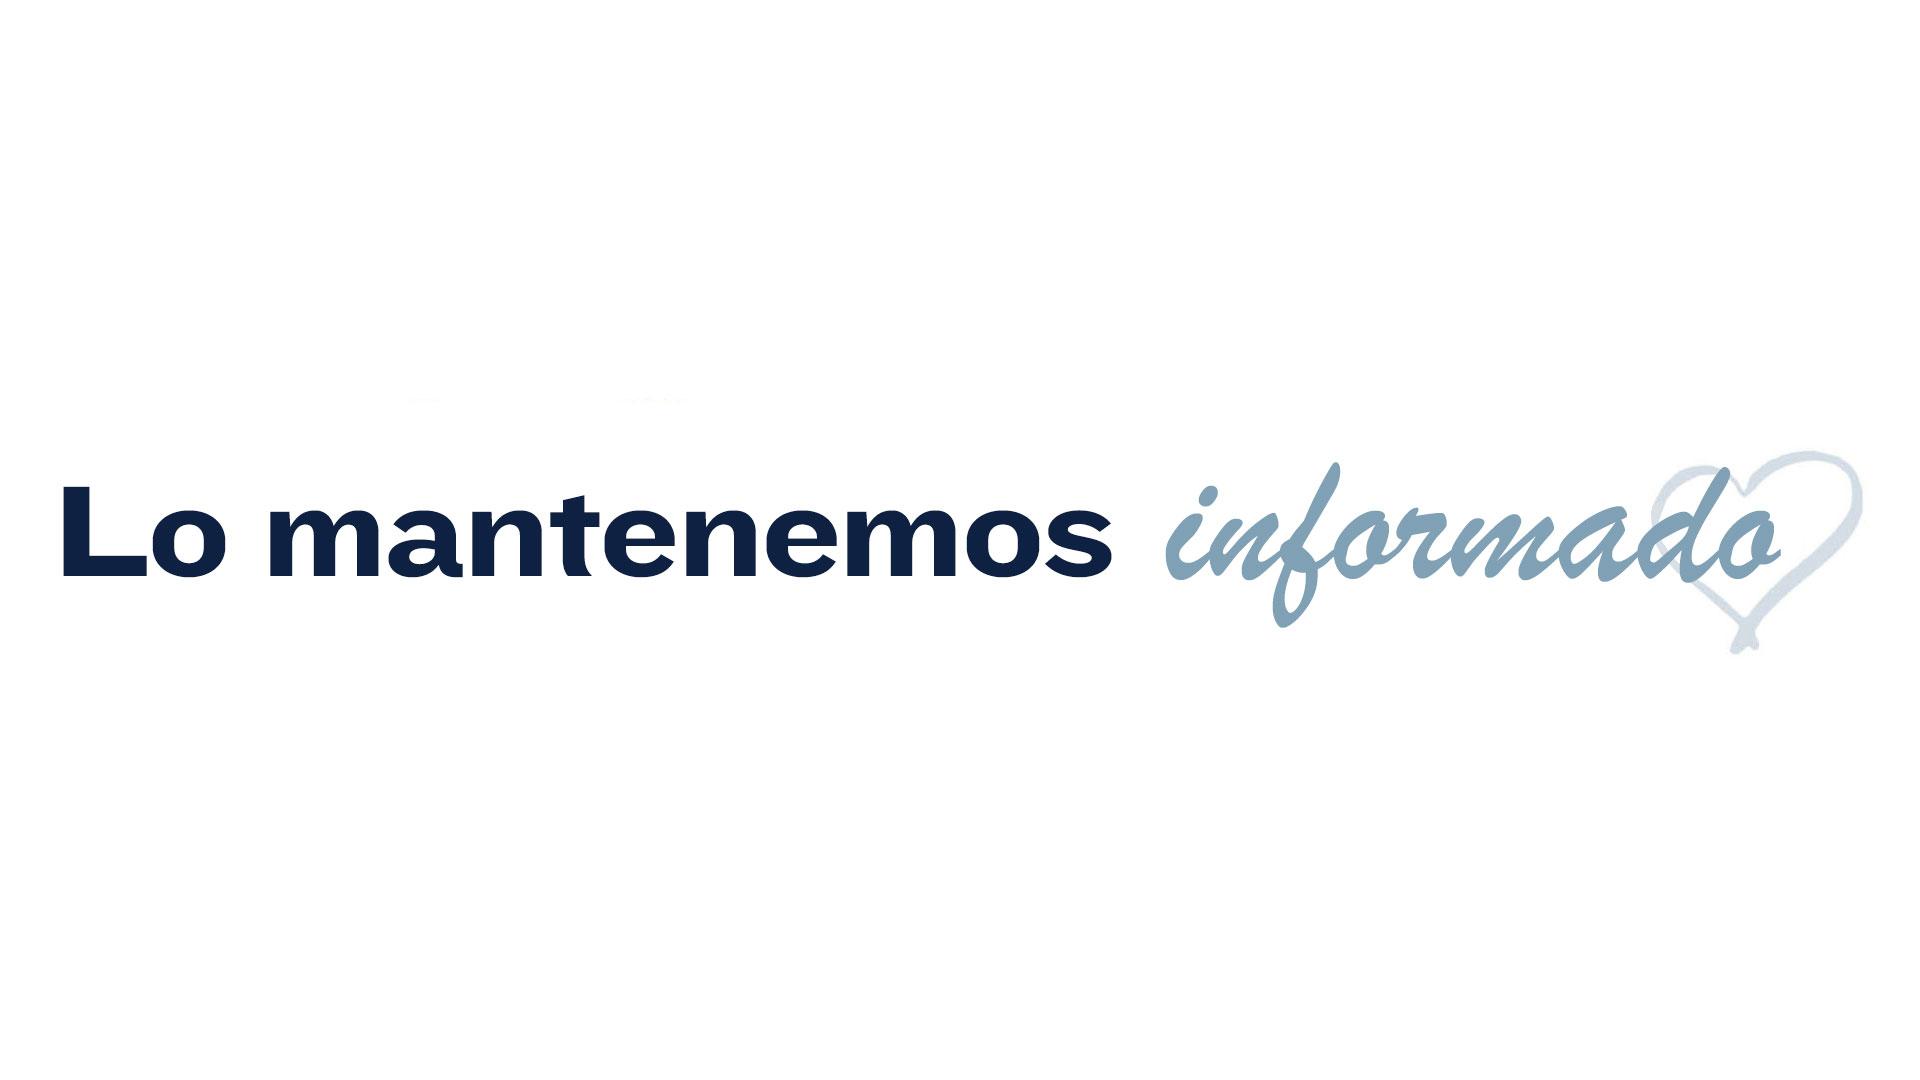 Primer plano de un logo